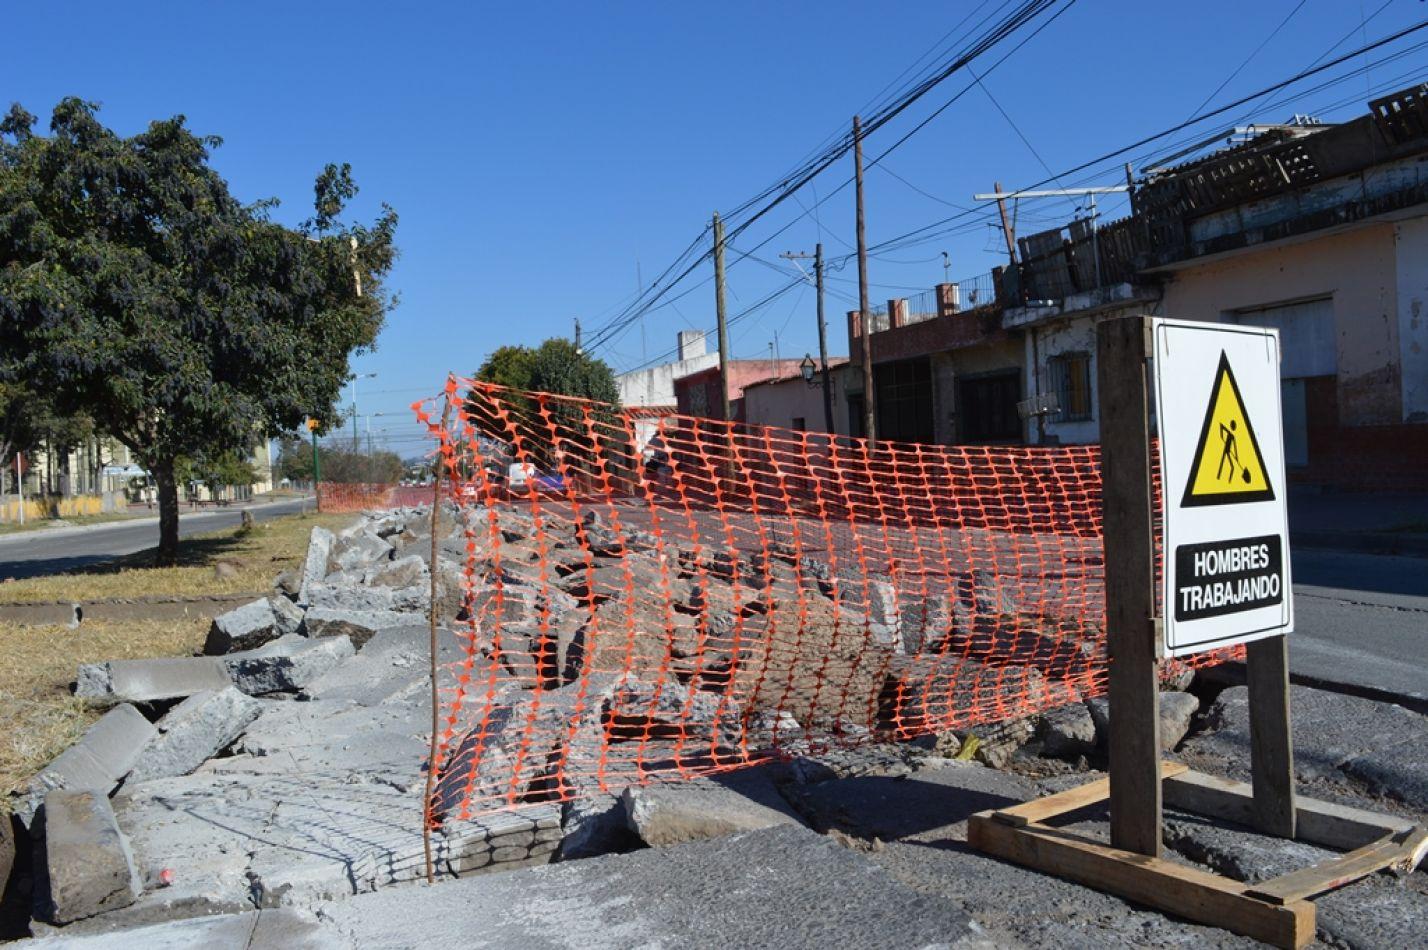 corte de calles por obras